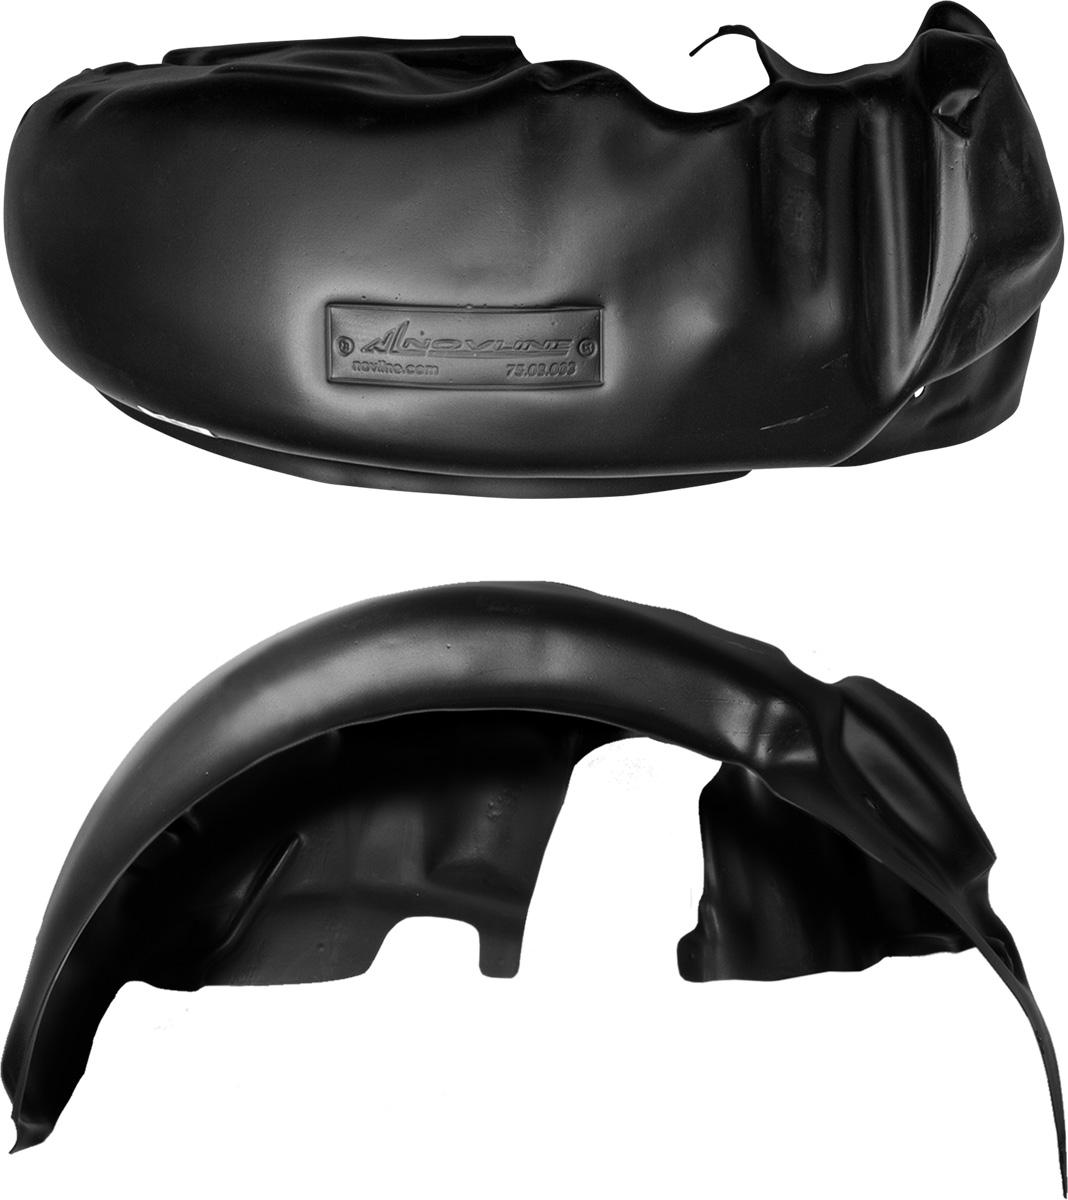 Подкрылок Novline-Autofamily, для Кia Rio, 2011->, седан, хэтчбек, передний левый1004900000360Колесные ниши - одни из самых уязвимых зон днища вашего автомобиля. Они постоянно подвергаются воздействию со стороны дороги. Лучшая, почти абсолютная защита для них - специально отформованные пластиковые кожухи, которые называются подкрылками. Производятся они как для отечественных моделей автомобилей, так и для иномарок. Подкрылки Novline-Autofamily выполнены из высококачественного, экологически чистого пластика. Обеспечивают надежную защиту кузова автомобиля от пескоструйного эффекта и негативного влияния, агрессивных антигололедных реагентов. Пластик обладает более низкой теплопроводностью, чем металл, поэтому в зимний период эксплуатации использование пластиковых подкрылков позволяет лучше защитить колесные ниши от налипания снега и образования наледи. Оригинальность конструкции подчеркивает элегантность автомобиля, бережно защищает нанесенное на днище кузова антикоррозийное покрытие и позволяет осуществить крепление подкрылков внутри колесной арки практически без дополнительного крепежа и сверления, не нарушая при этом лакокрасочного покрытия, что предотвращает возникновение новых очагов коррозии. Подкрылки долговечны, обладают высокой прочностью и сохраняют заданную форму, а также все свои физико-механические характеристики в самых тяжелых климатических условиях (от -50°С до +50°С).Уважаемые клиенты!Обращаем ваше внимание, на тот факт, что подкрылок имеет форму, соответствующую модели данного автомобиля. Фото служит для визуального восприятия товара.